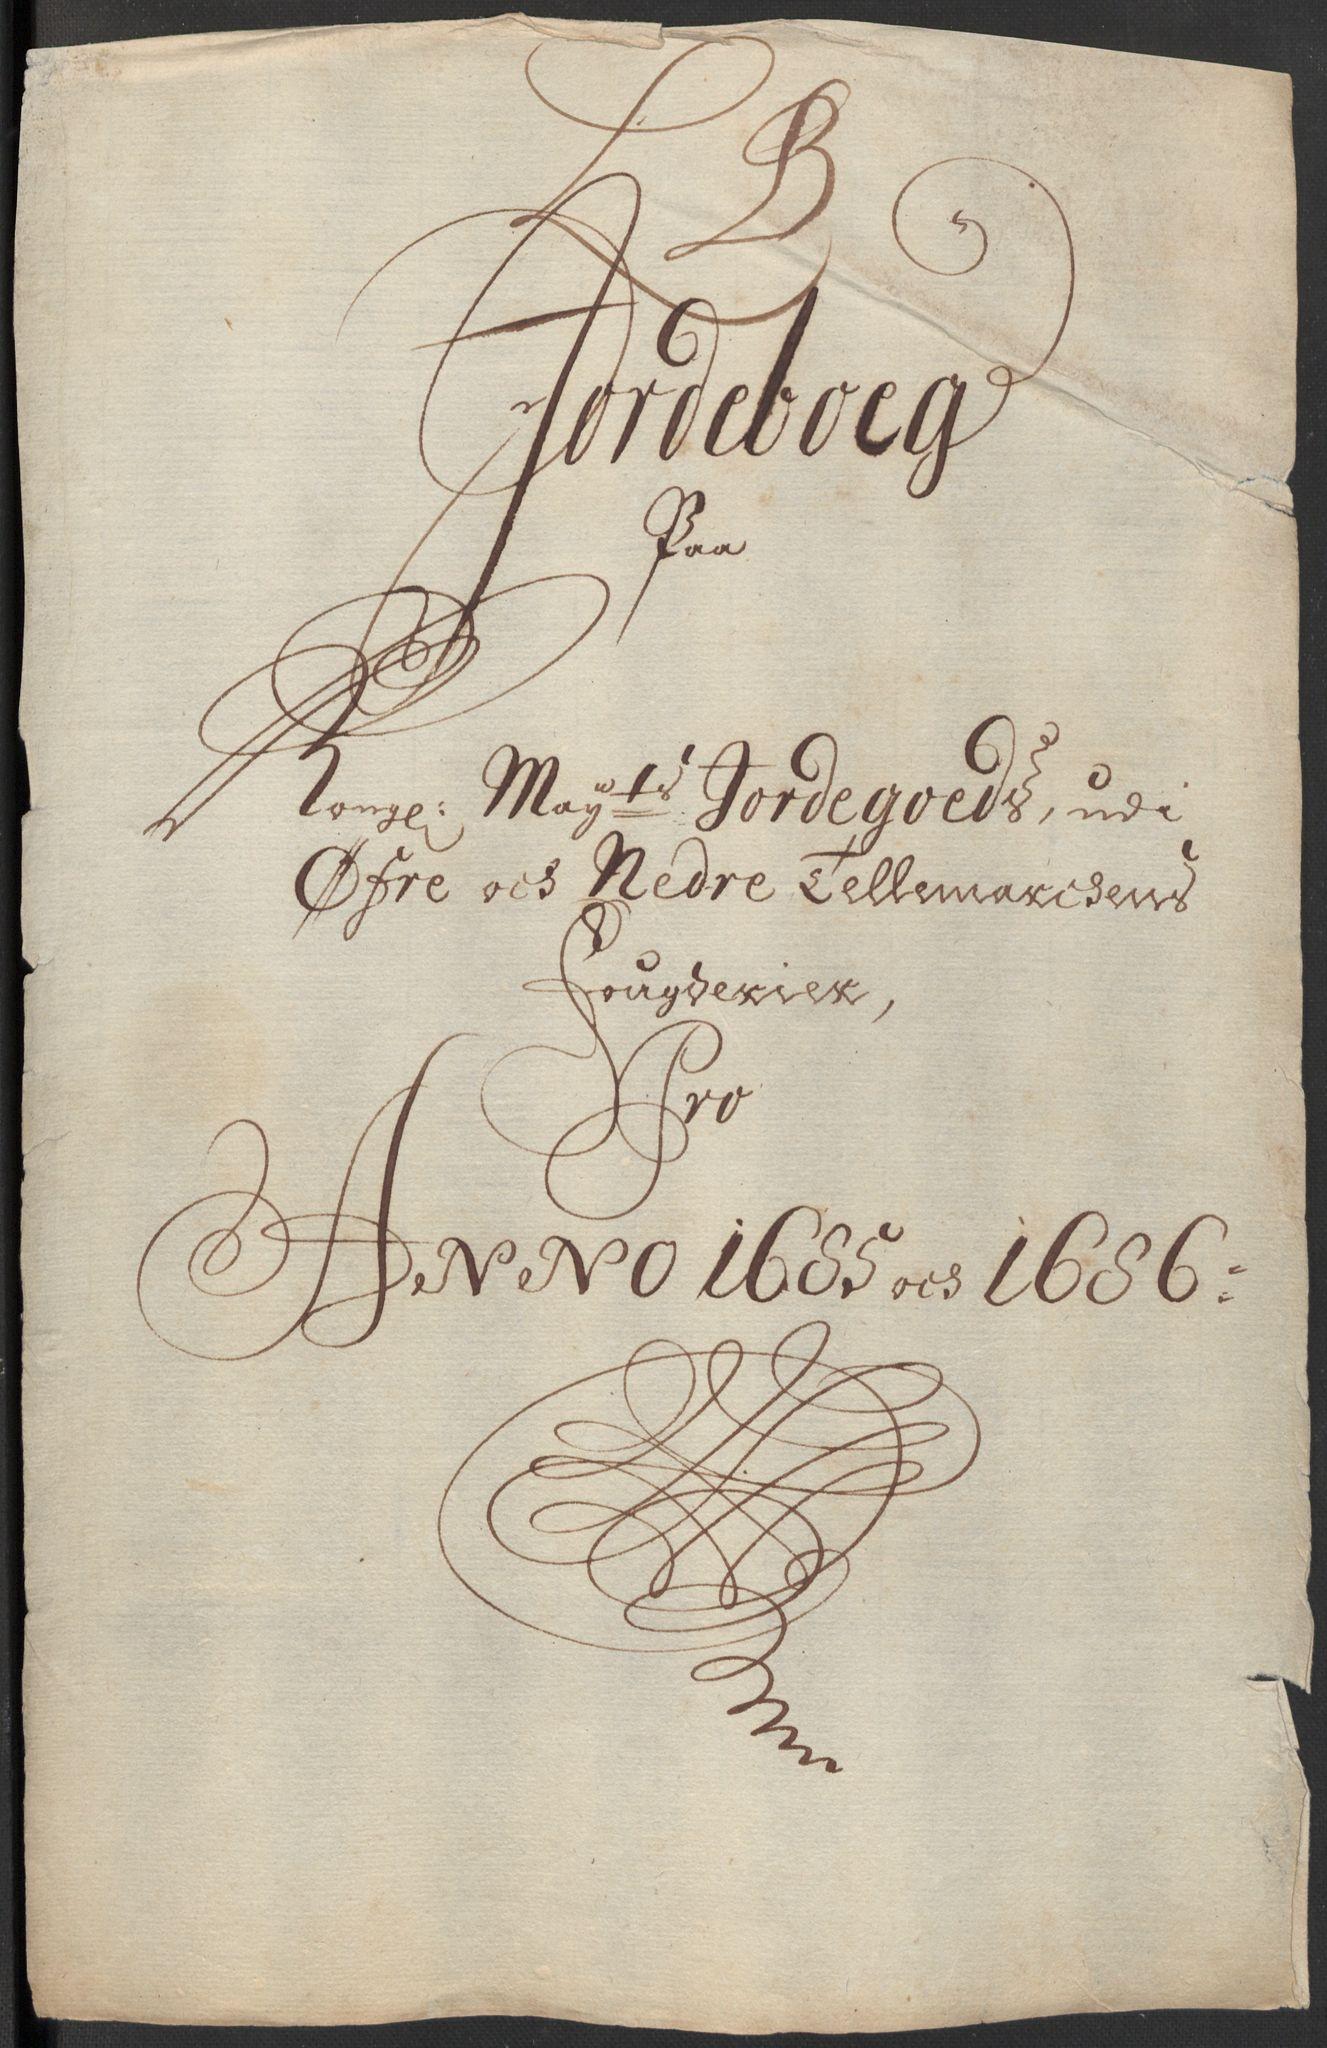 RA, Rentekammeret inntil 1814, Reviderte regnskaper, Fogderegnskap, R35/L2083: Fogderegnskap Øvre og Nedre Telemark, 1686, s. 18